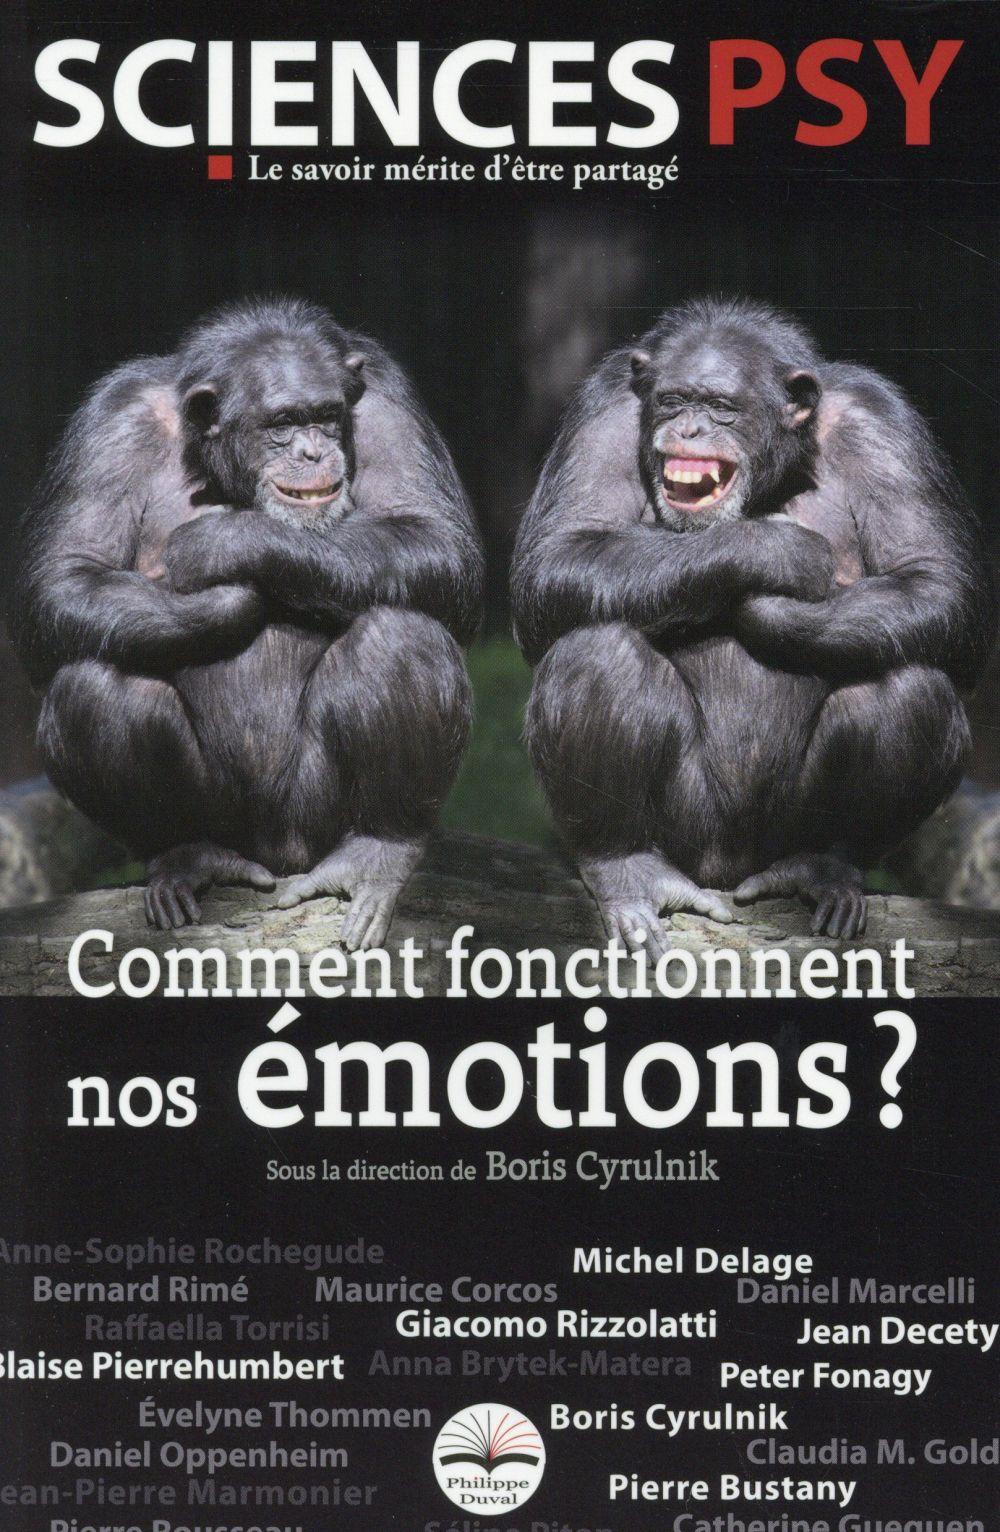 COMMENT FONCTIONNENT NOS EMOTIONS ?